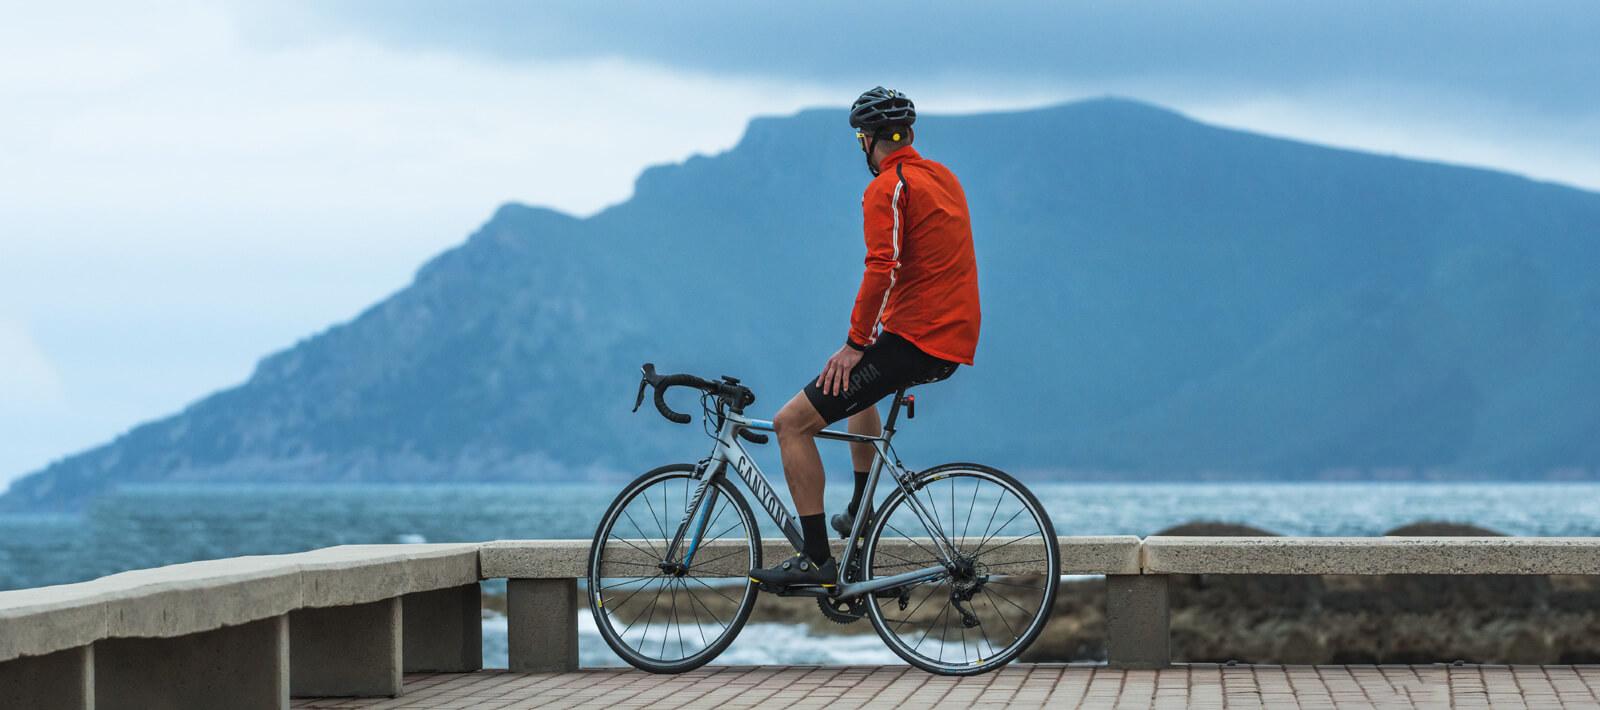 Varia? RTL510 - 自行车雷达